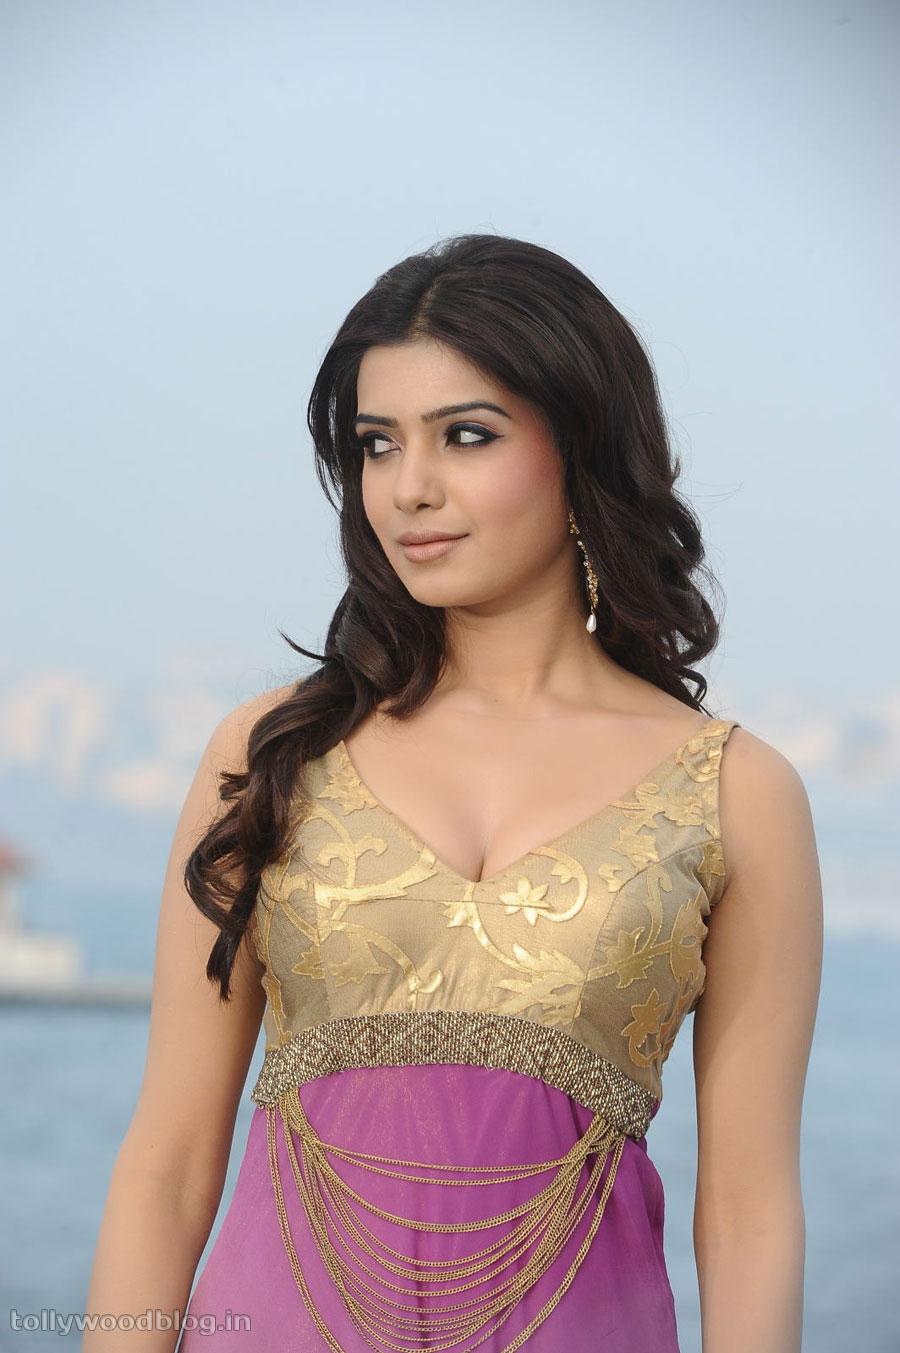 Samantha ruth prabhu sexy